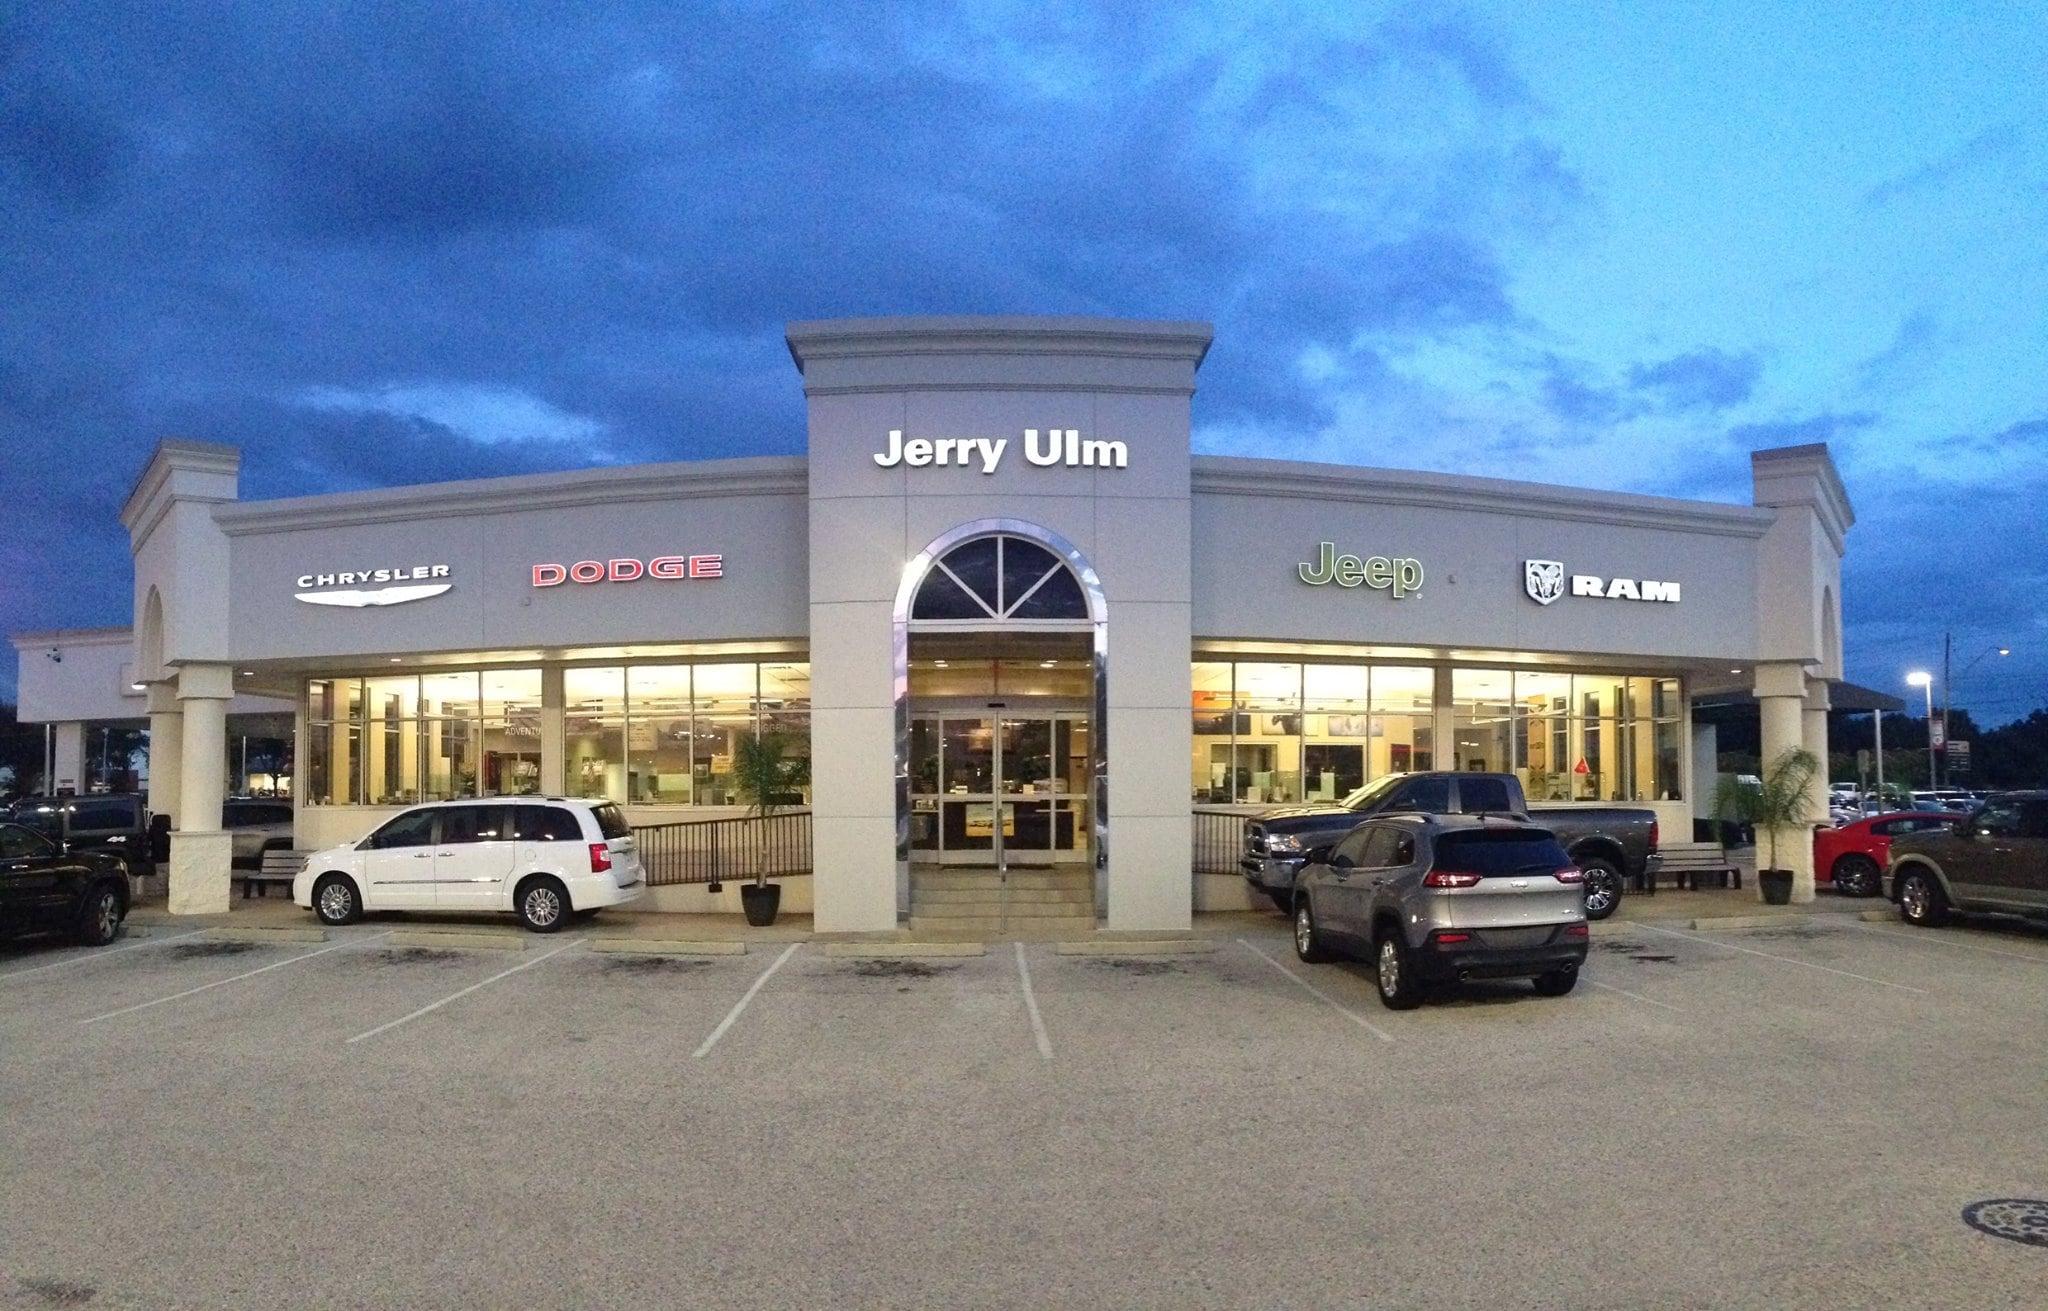 about jerry ulm tampa fl chrysler jeep dodge dealer new used car dealer. Black Bedroom Furniture Sets. Home Design Ideas